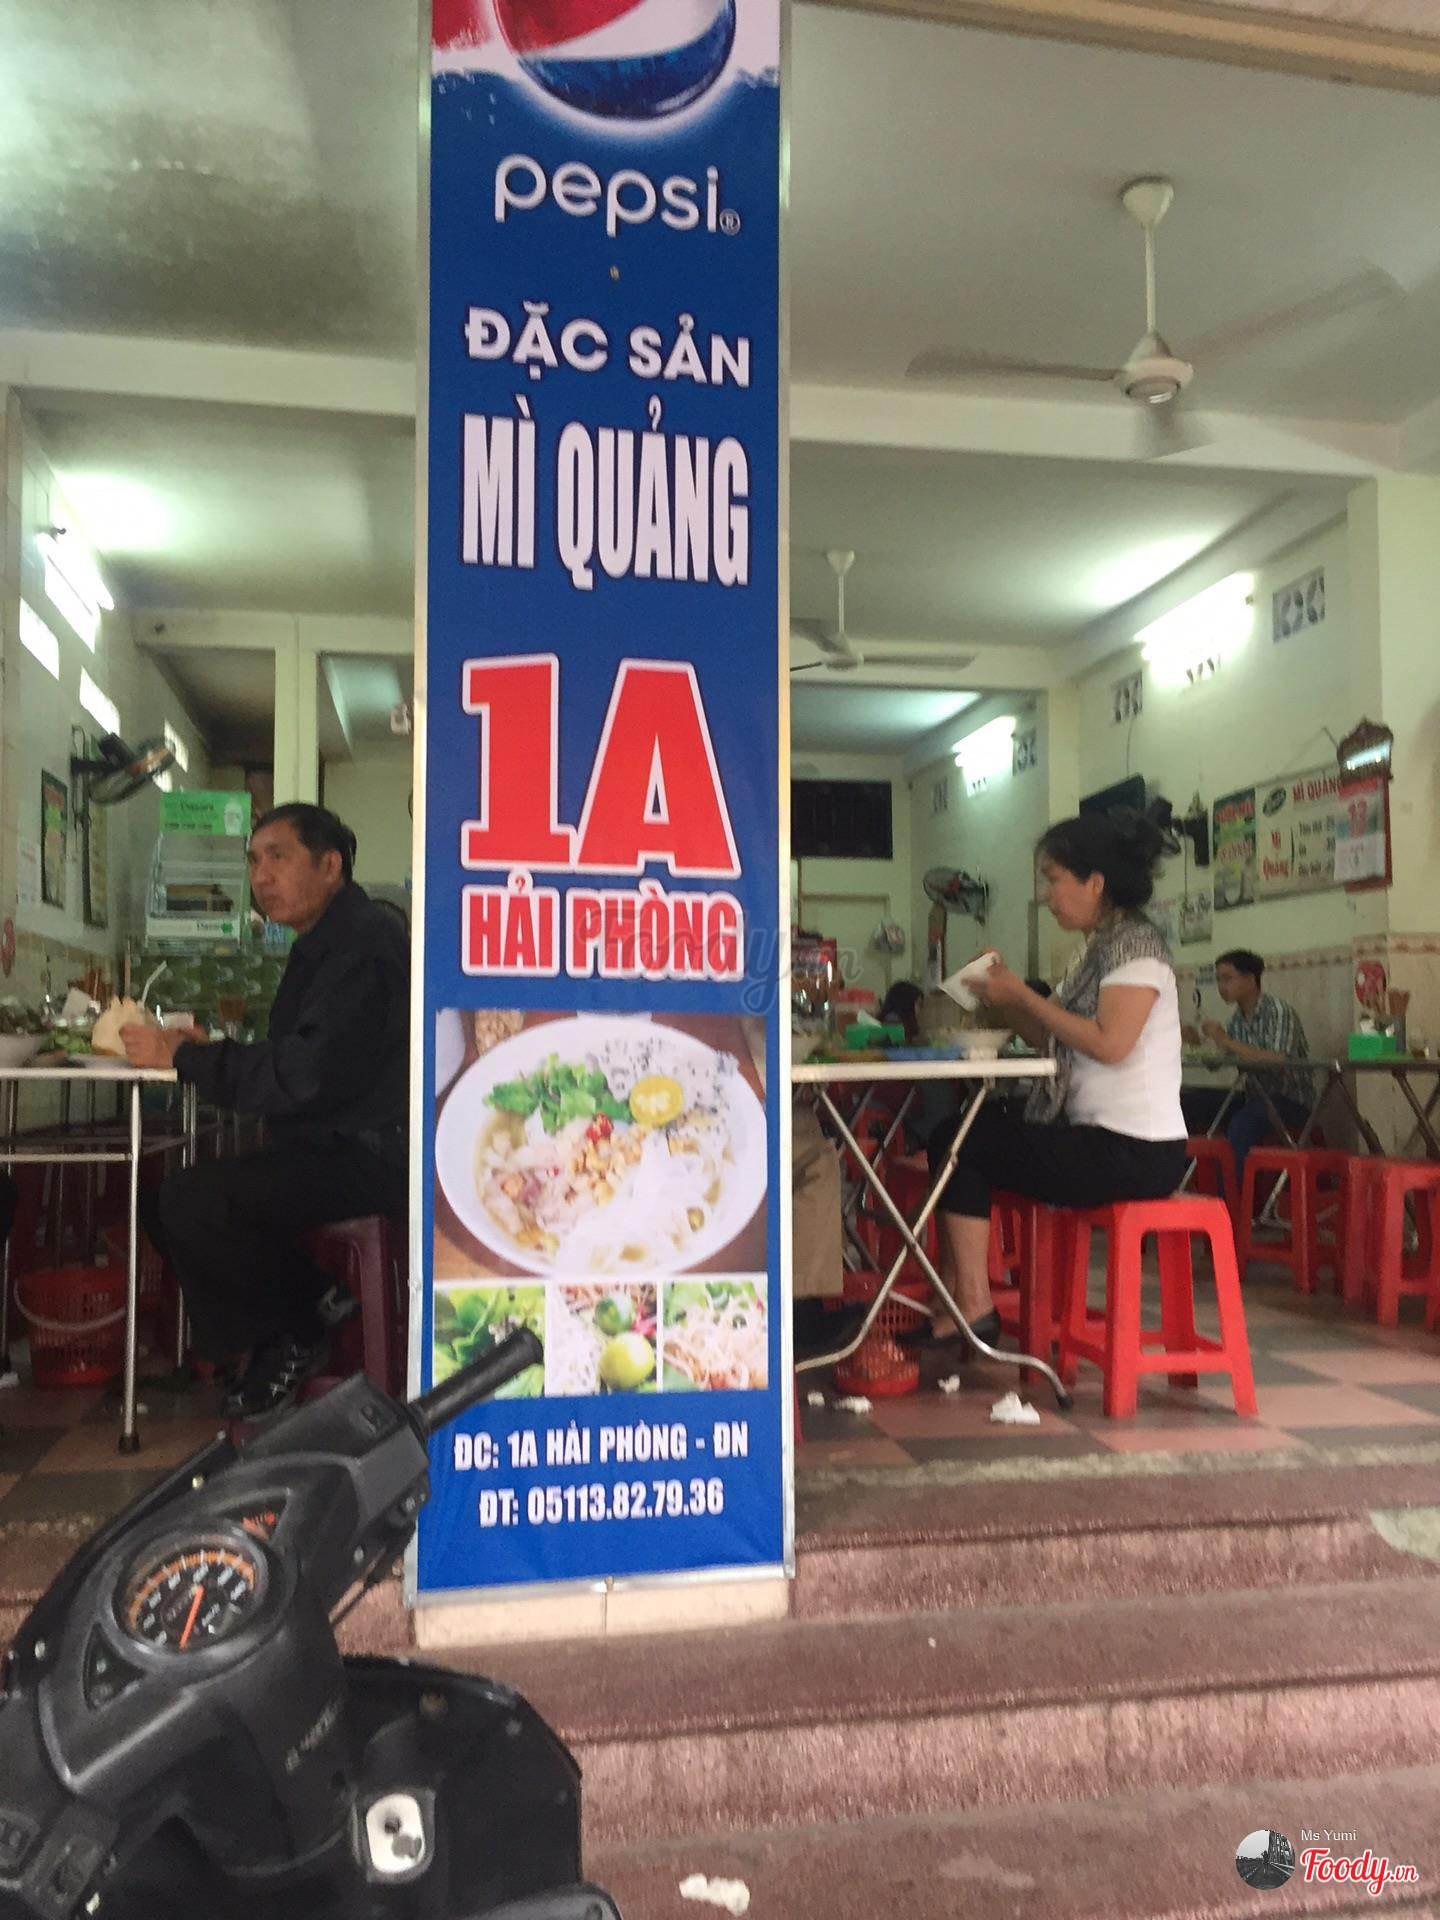 mì quảng 1A Đà Nẵng